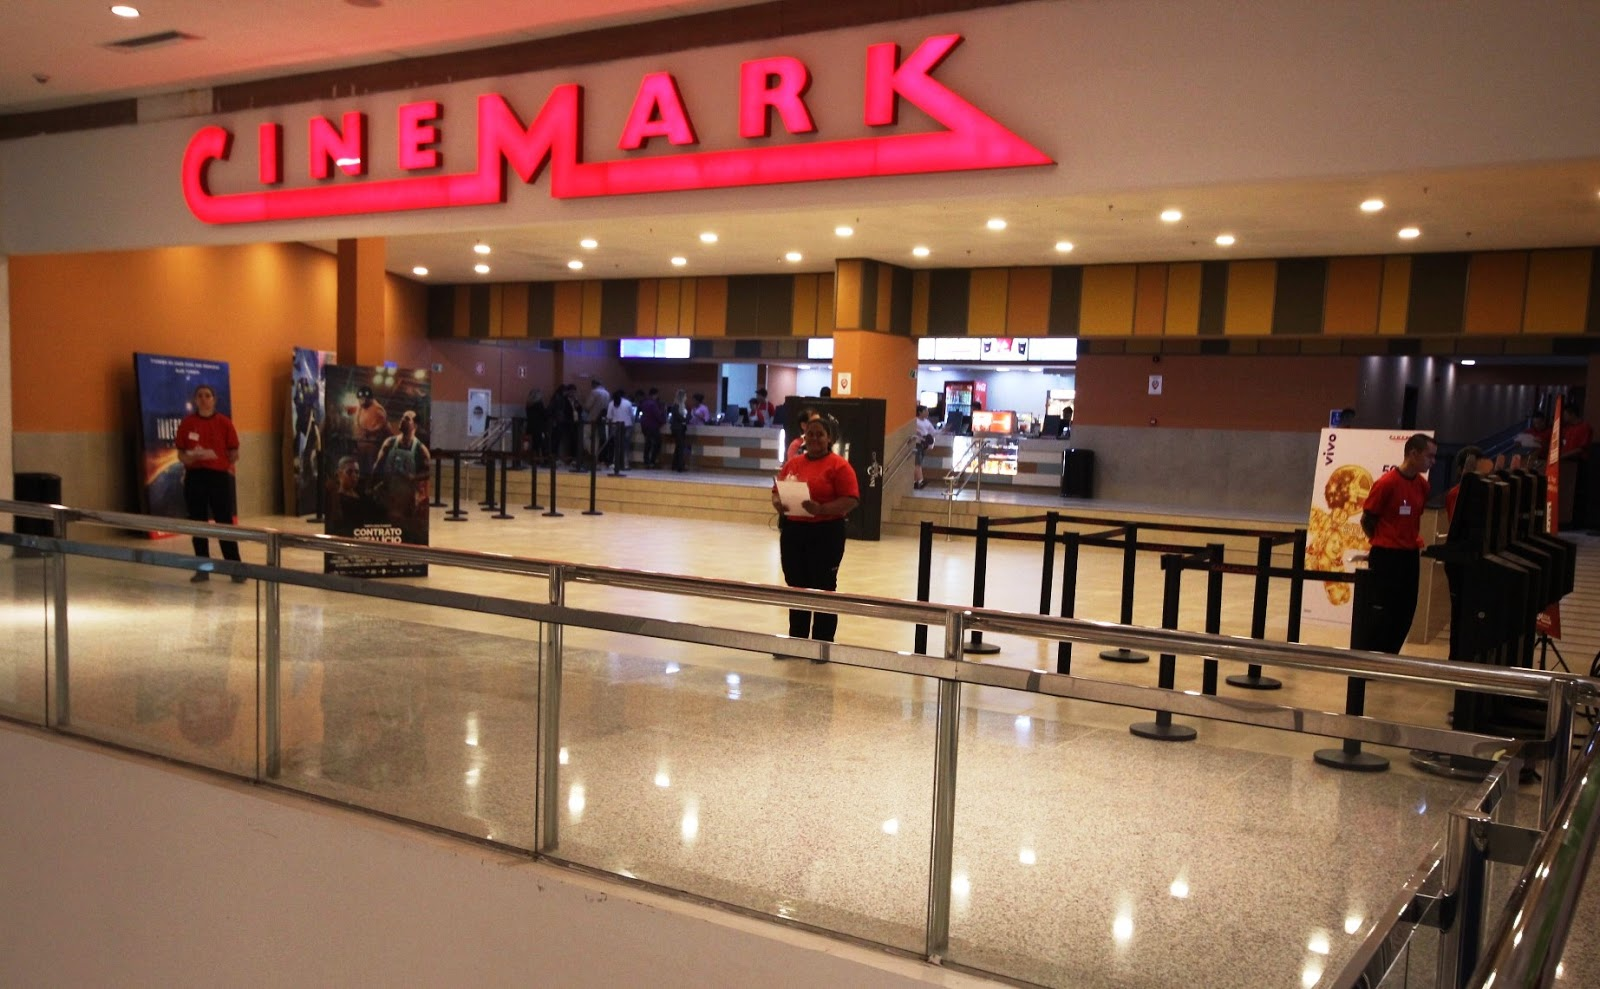 Blog revista autoestima cinemark inaugura seis salas de for Sala 7 concepcion